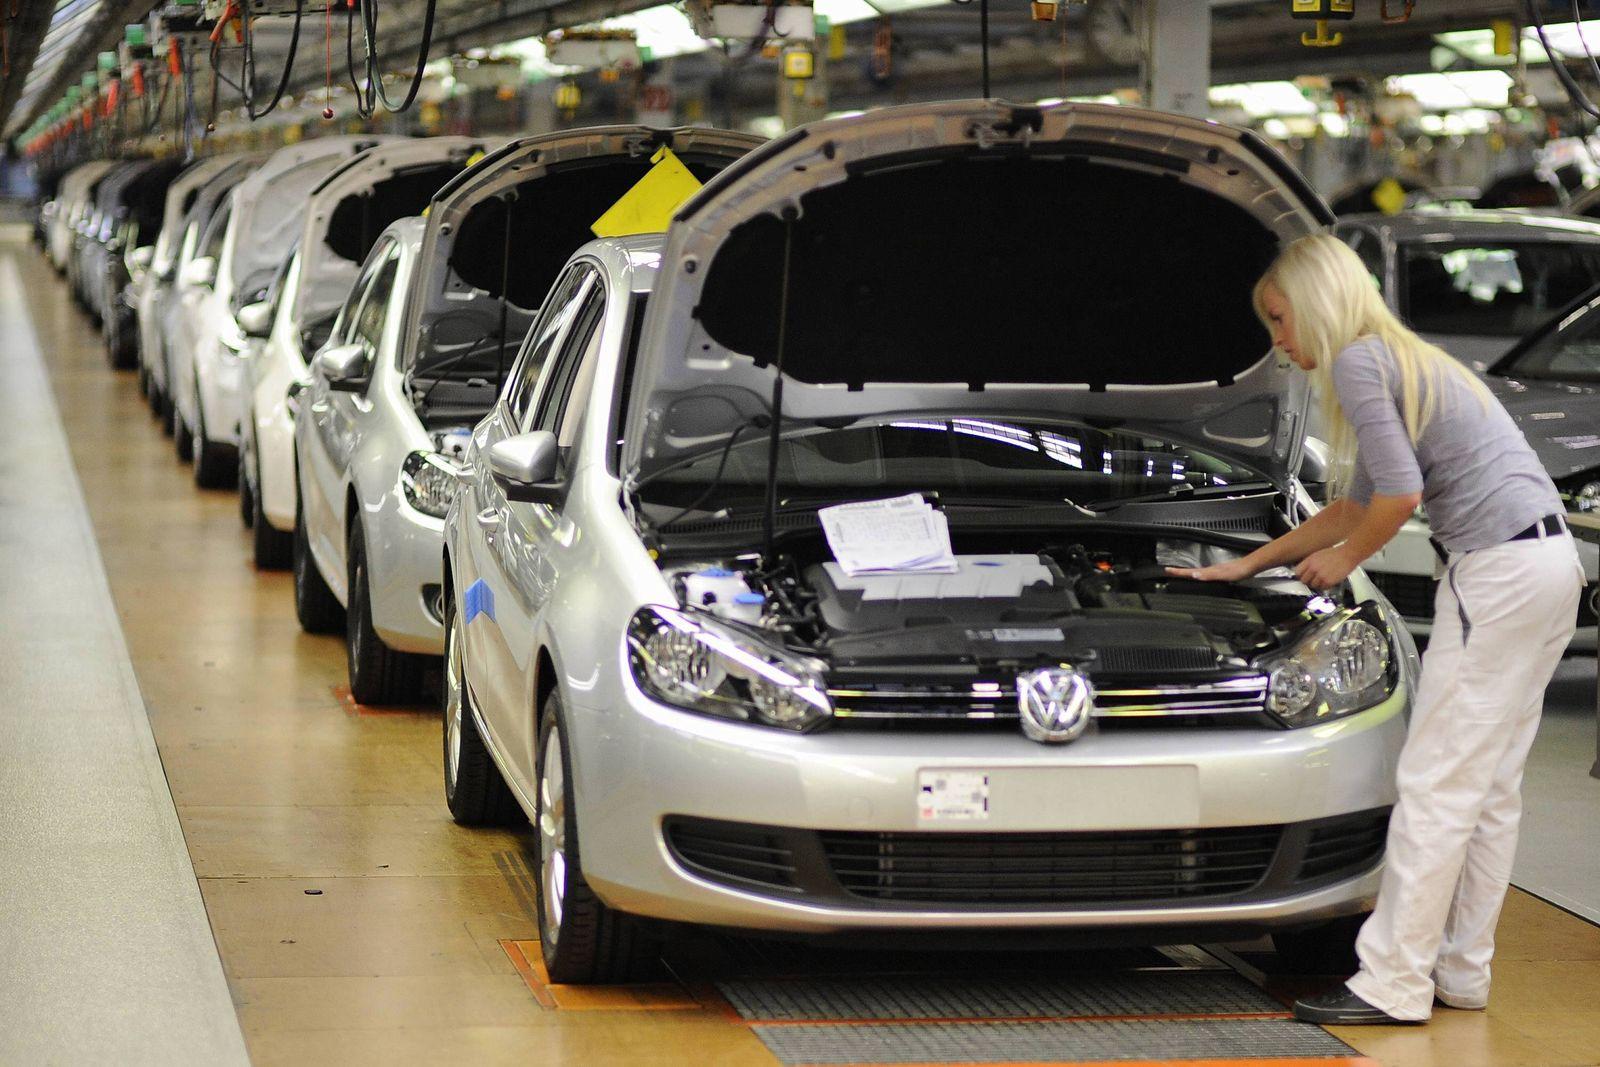 NICHT VERWENDEN VW will auch in den Werksferien Autos produzieren